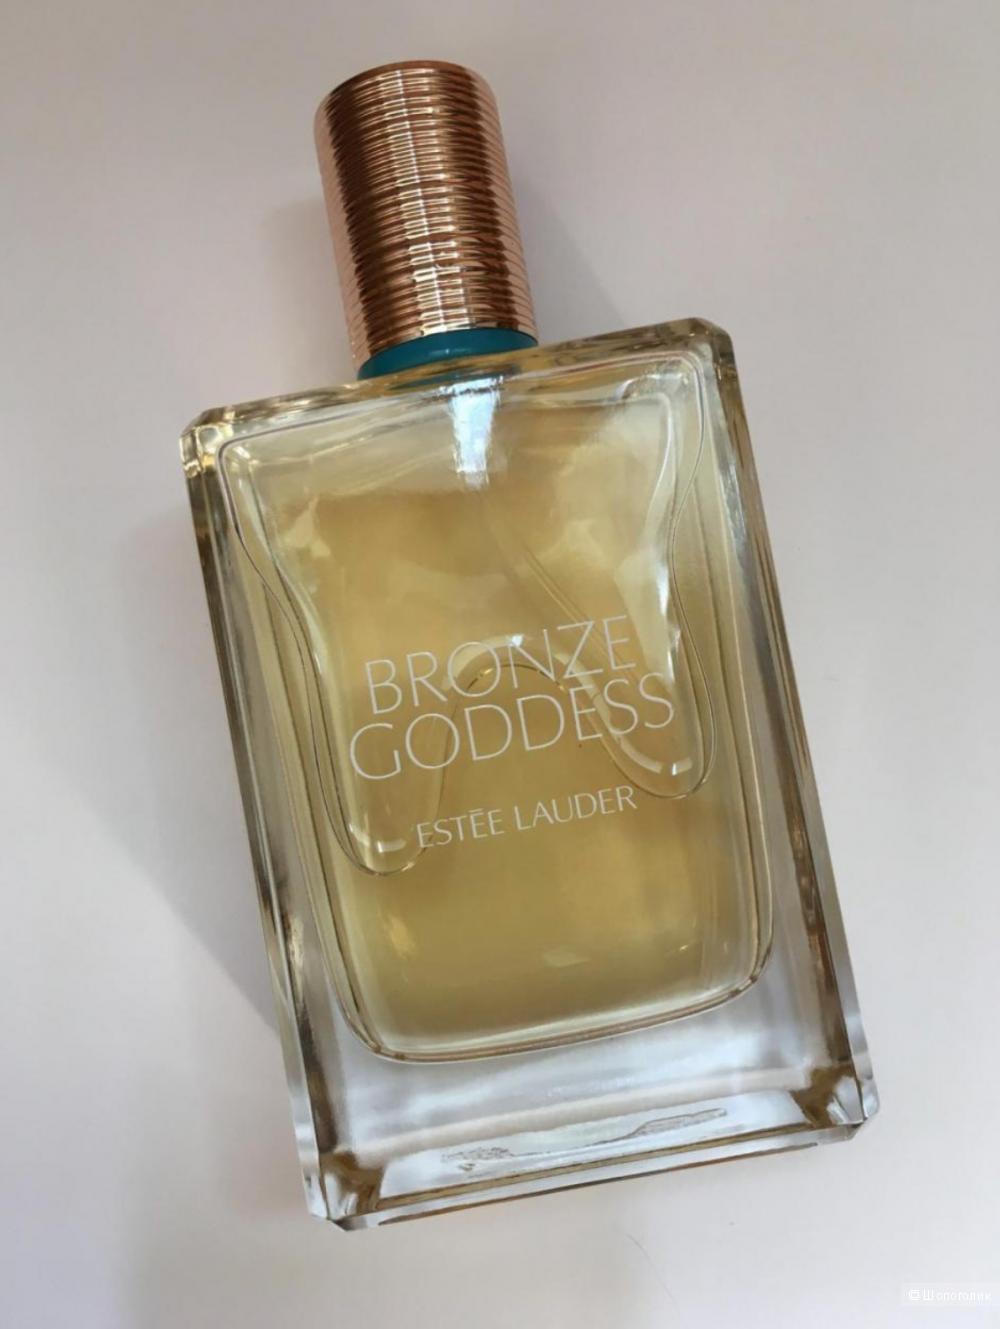 Estée Lauder дымка для тела Skinscent Bronze Goodness. One size.